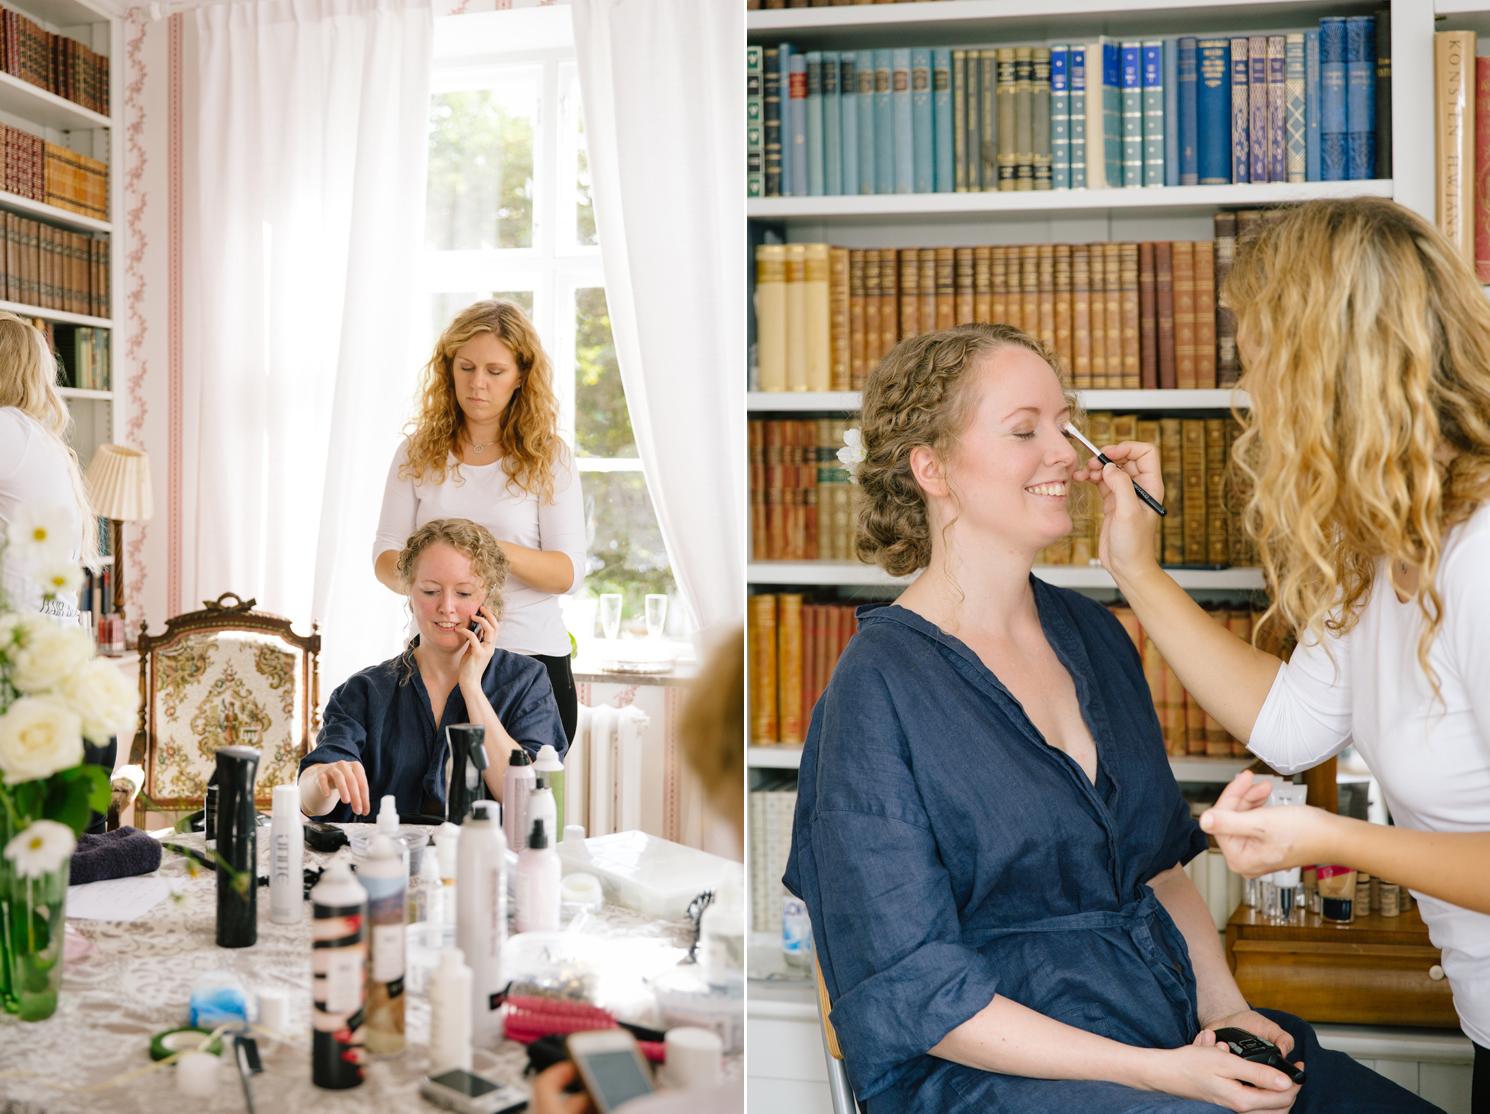 brollopsfotografering-ortofta-slott-maria-o-photo-forberedelser-smink-har-3